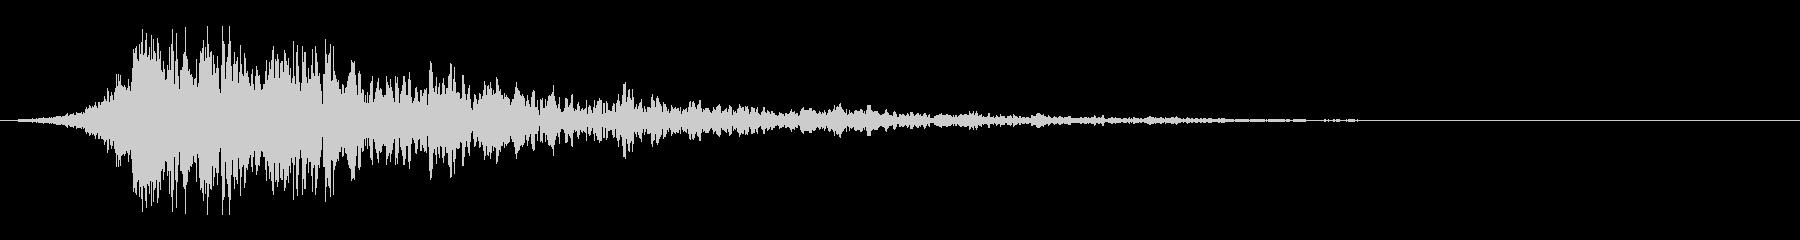 シュードーン-56-2(インパクト音)の未再生の波形